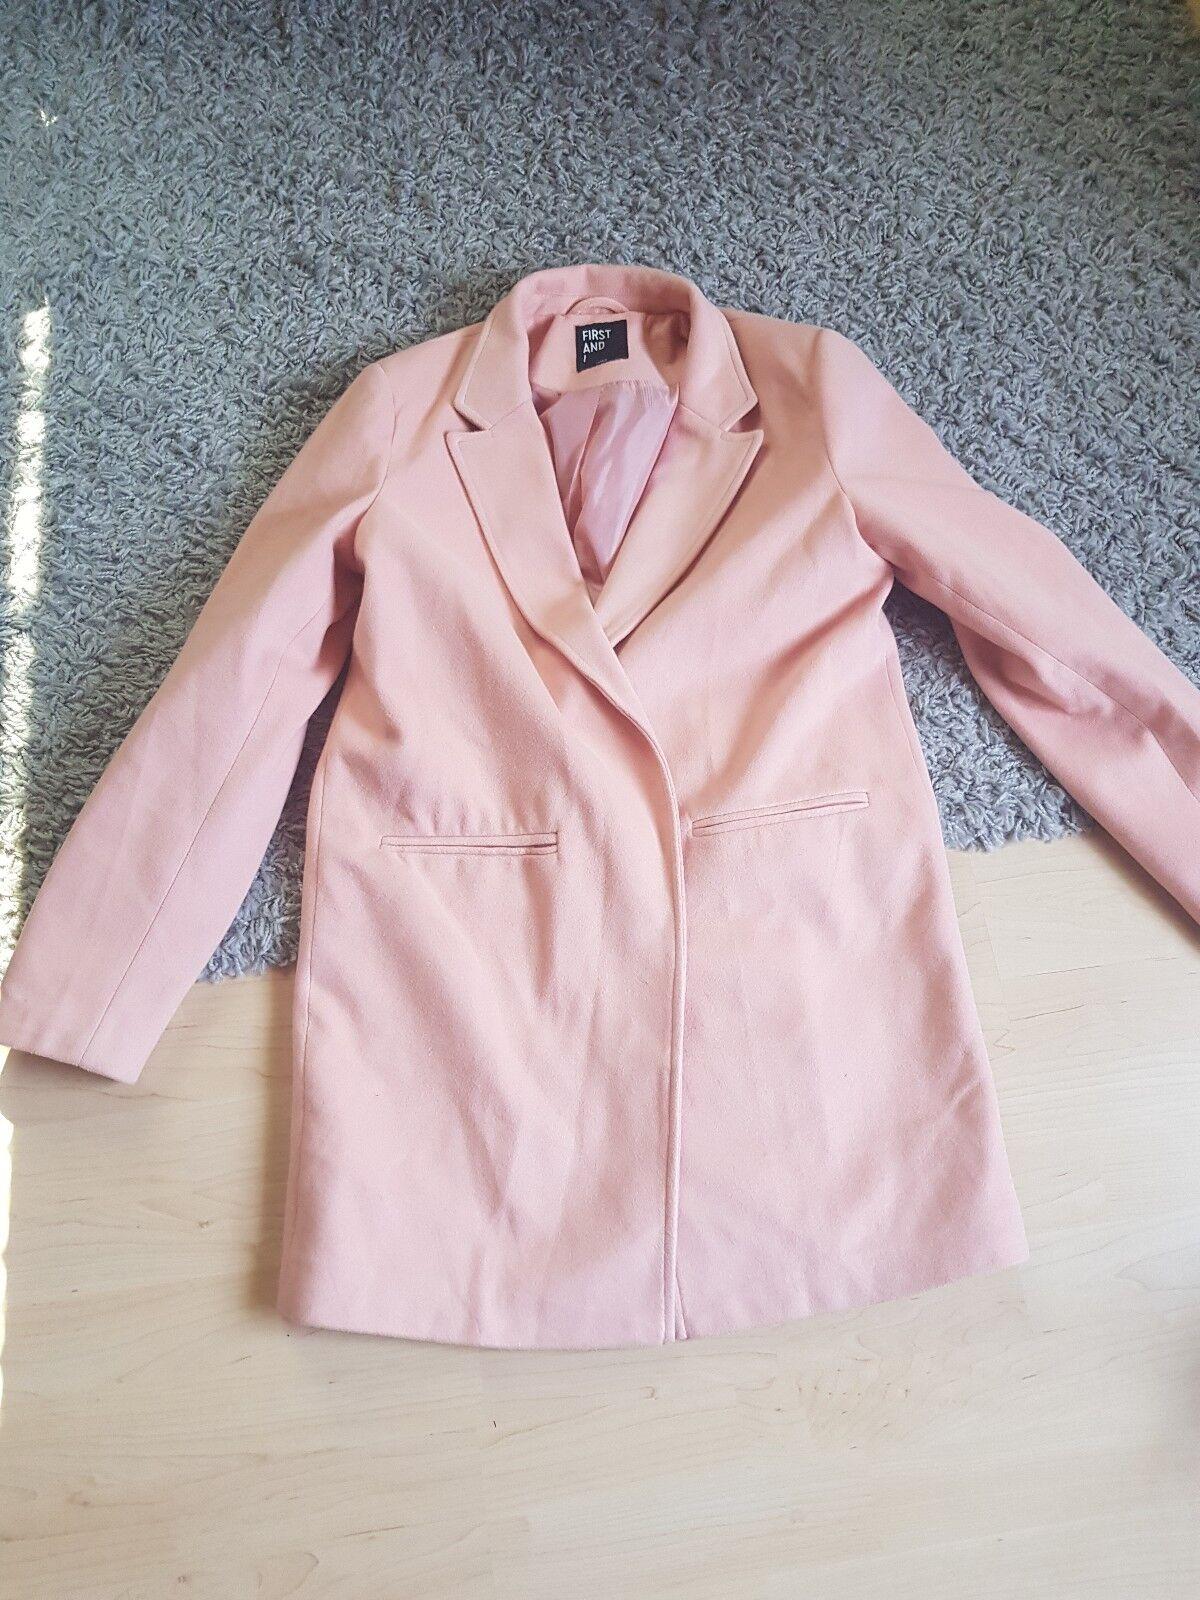 Mantel Rosa Damen Gr. Xl Asos | Um Um Um Zuerst Unter ähnlichen Produkten Rang  | Große Auswahl  | Deutschland Store  e15f82